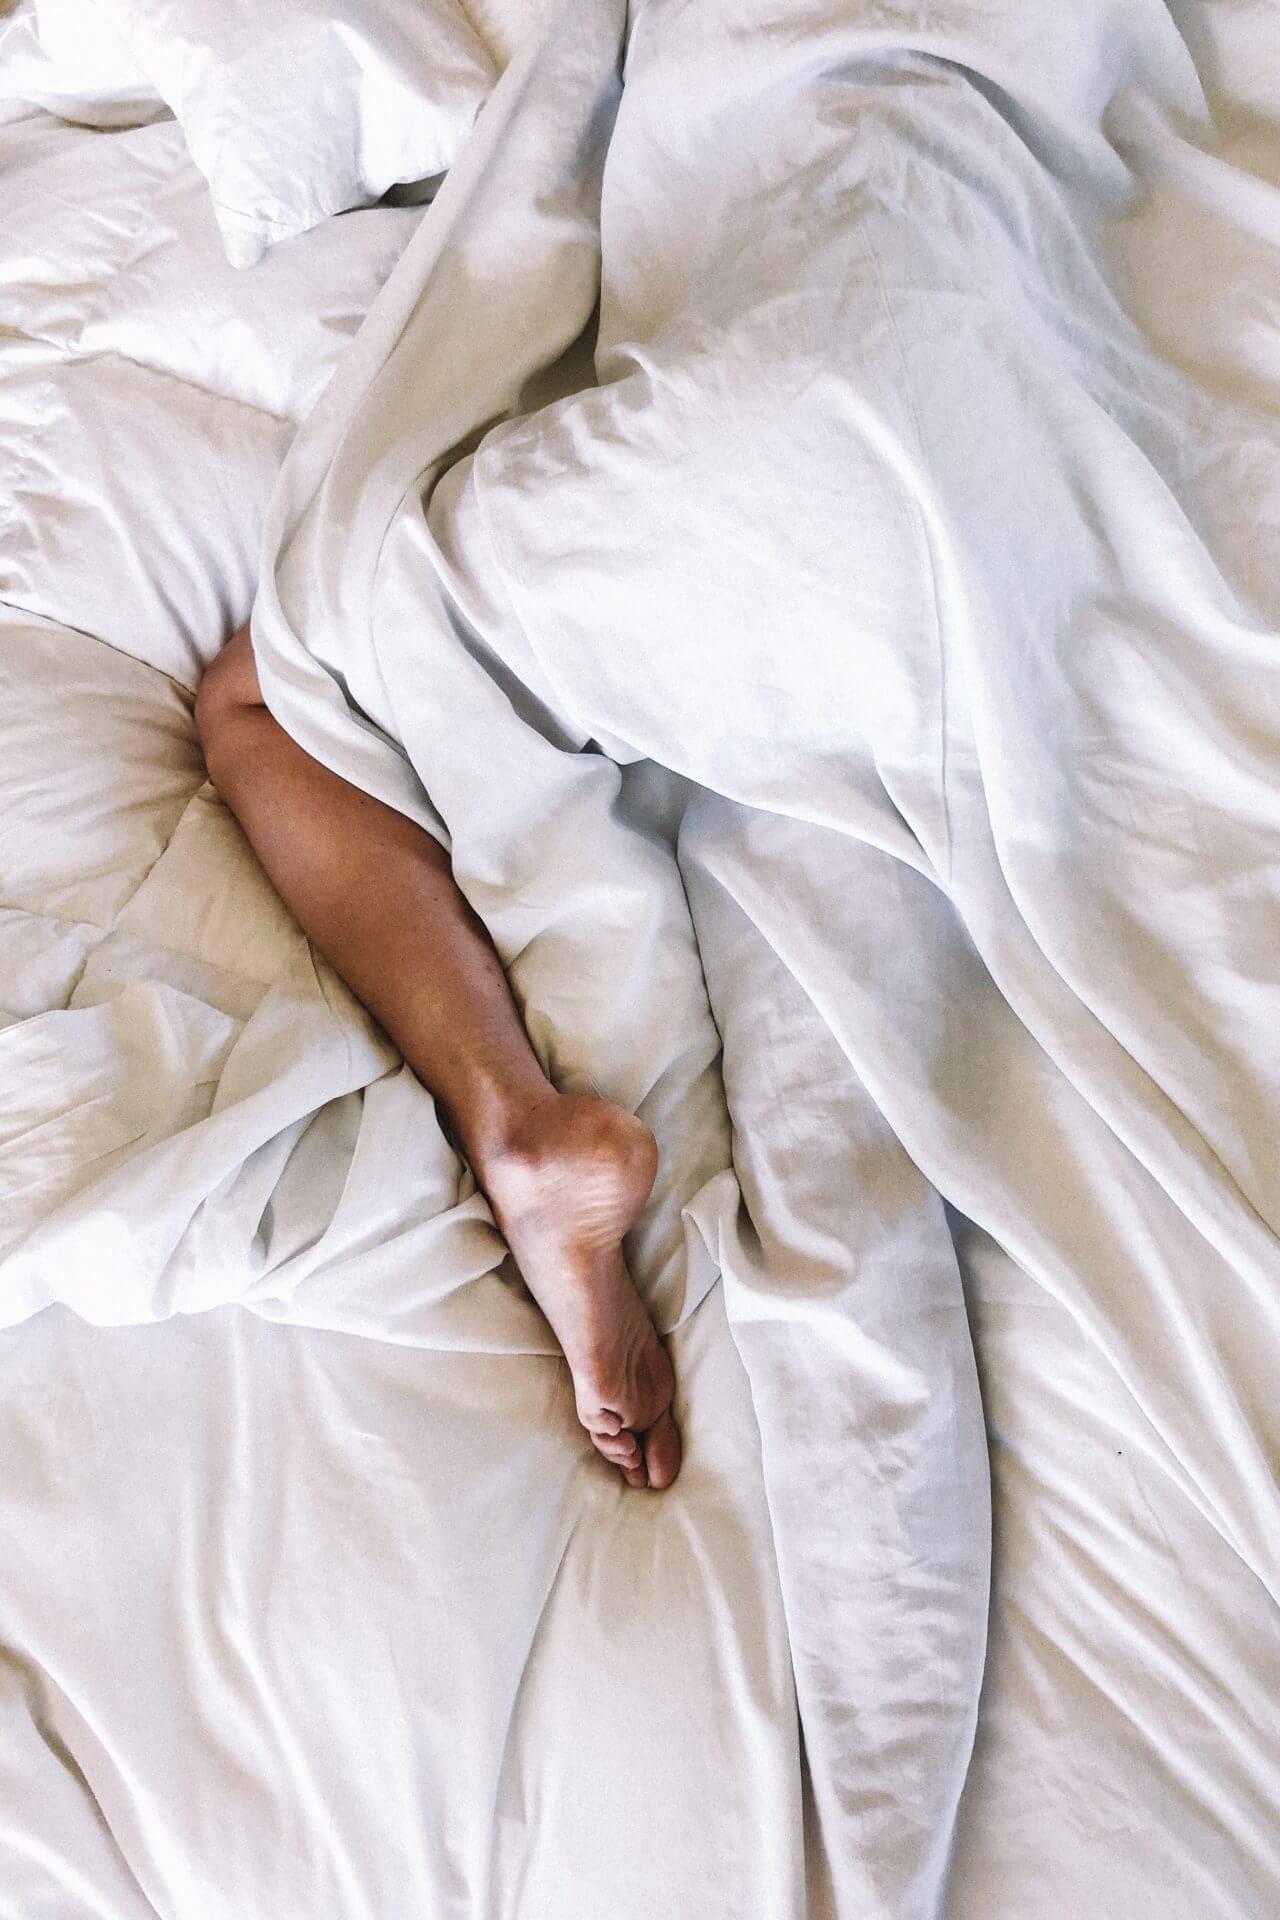 tips-om-beter-te-slapen